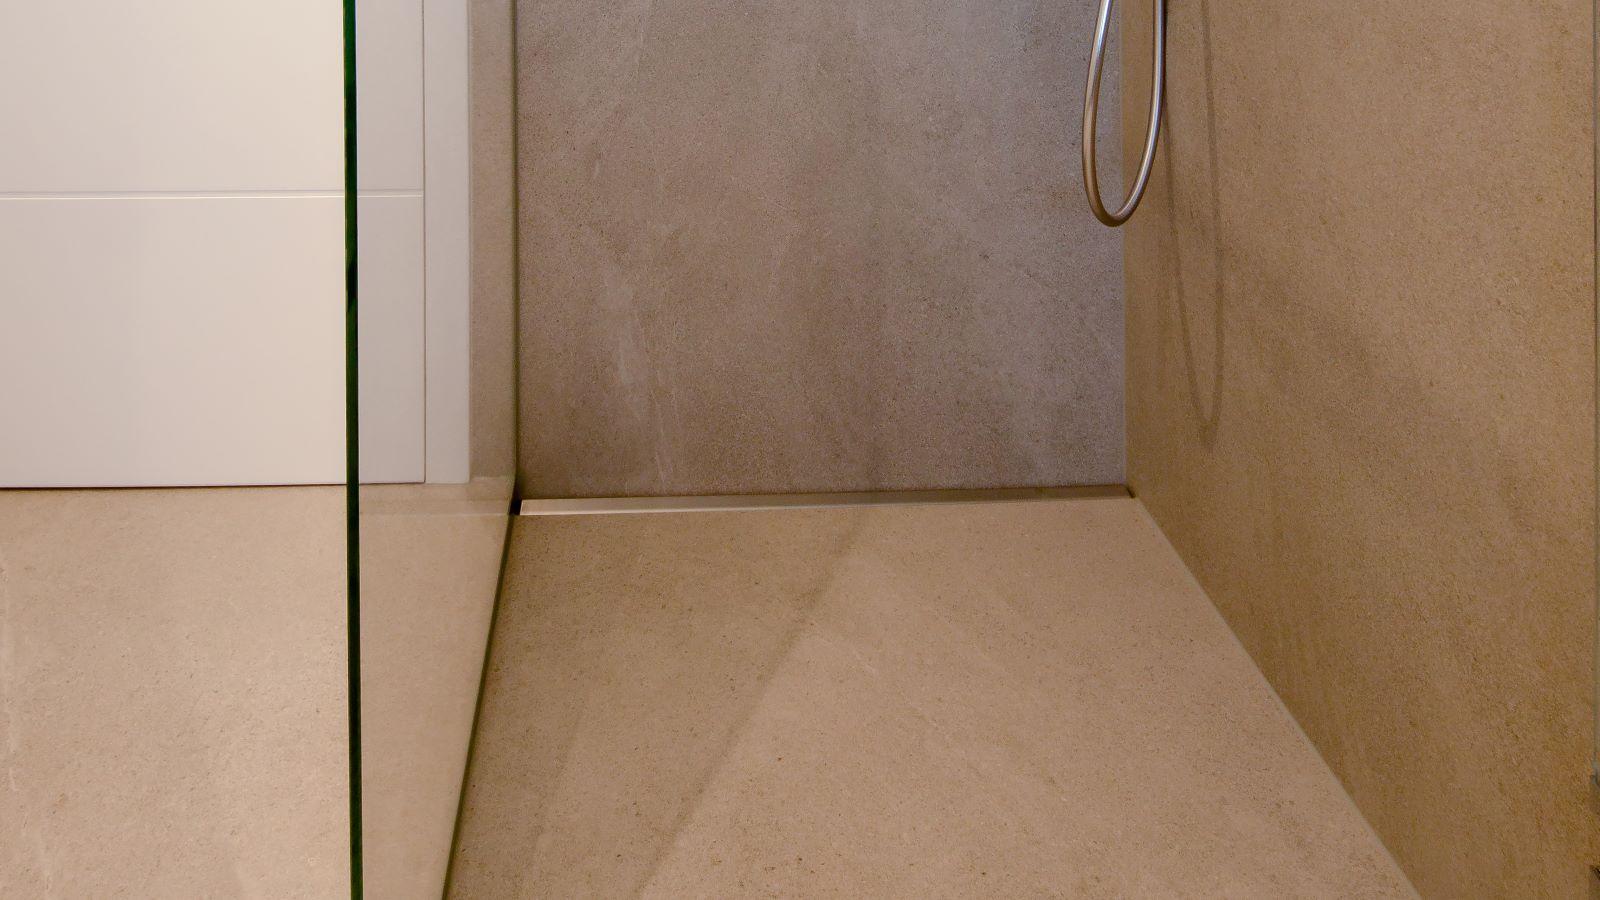 In der nahansicht der cm-genauen massanfertigung der hochwertigen v4a edelstahl-duschrinne pro sieht man sie unauffaellig eingebaut an der rueckseite der barrierefreien dusche. Die ruhige optik der pflegeleichten, ebenerdigen dusche wird hervorgerufen durch die dezente, elegante duschrinne pro und die grossflaechigen wand- und bodenfliesen. Die duschrinne pro in 100 cm oder 200 cm laenge ermoeglicht das befliesen mit 100 cm x 100 cm bodenfliesen und 100 cm x 300 cm wandfliesen. Die langlebige duschrinne pro ist optimal fuer moderne optik und hohe funktionalitaet der bodengleichen dusche mit transparenter duschseitenwand.